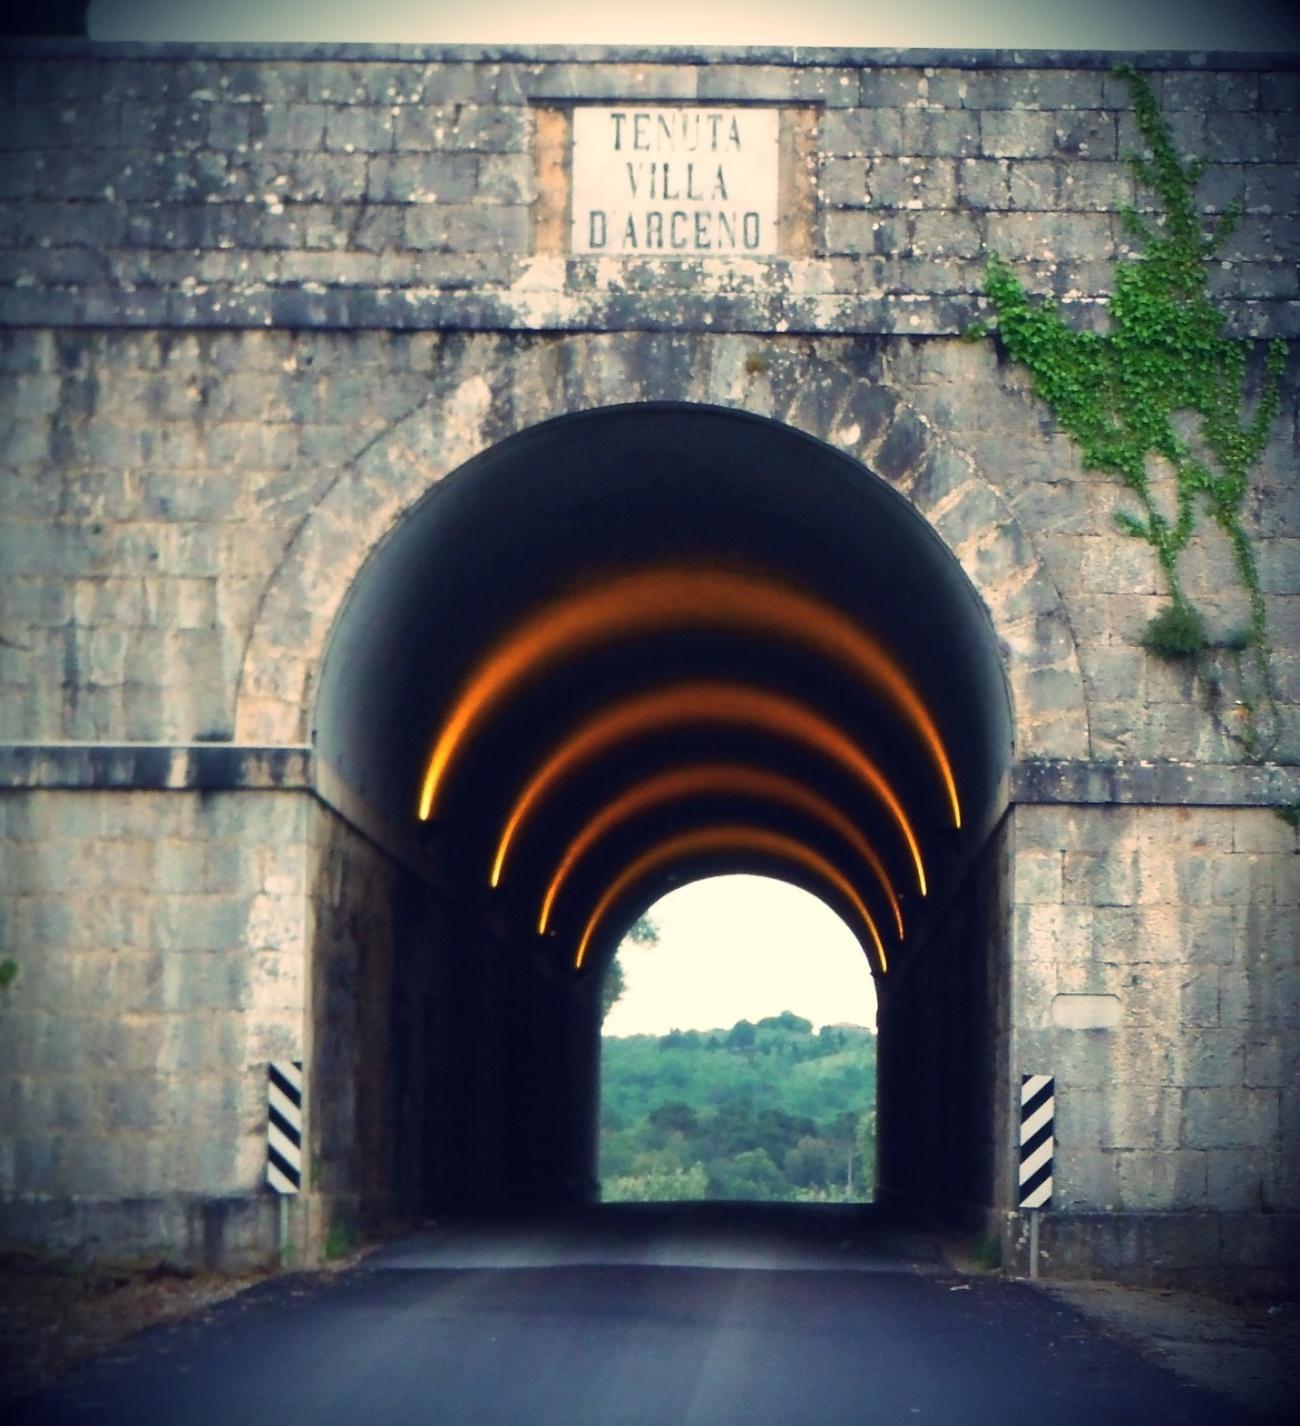 Arceno Winery Entrance